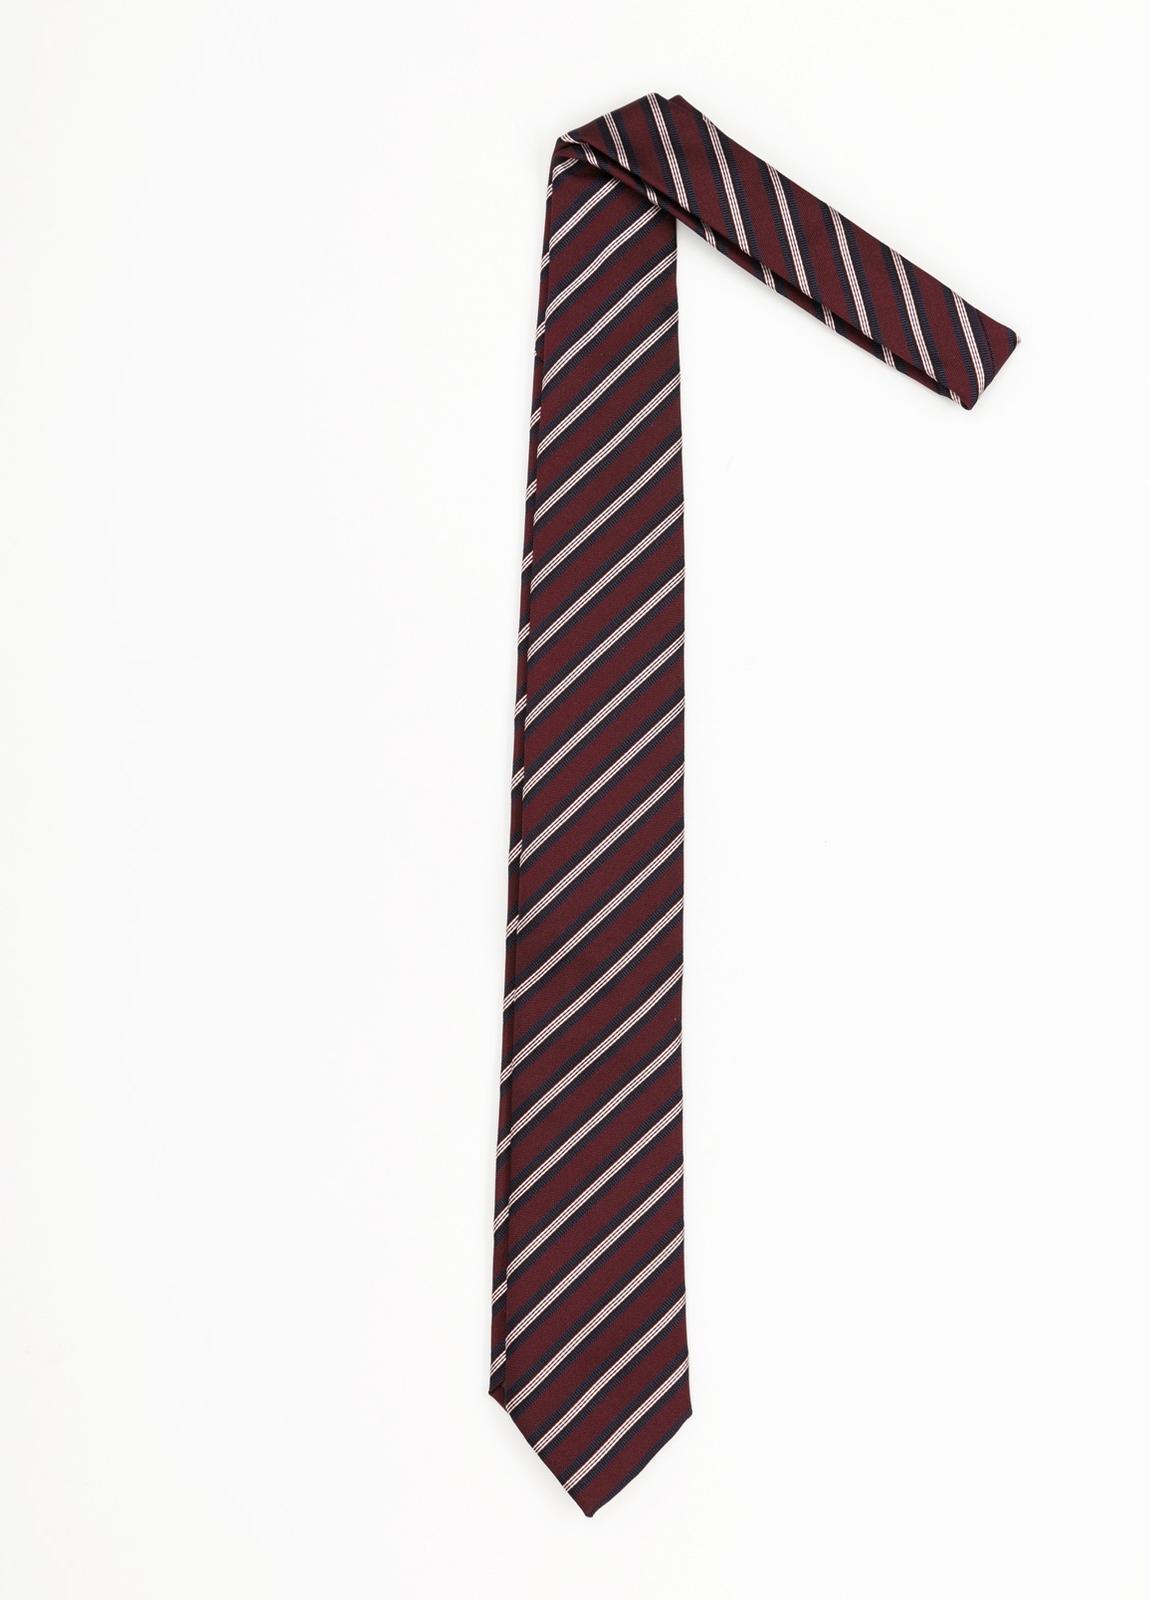 Corbata Formal Wear rayas diagonales, color granate. Pala 7,5 cm. Seda- Algodón.